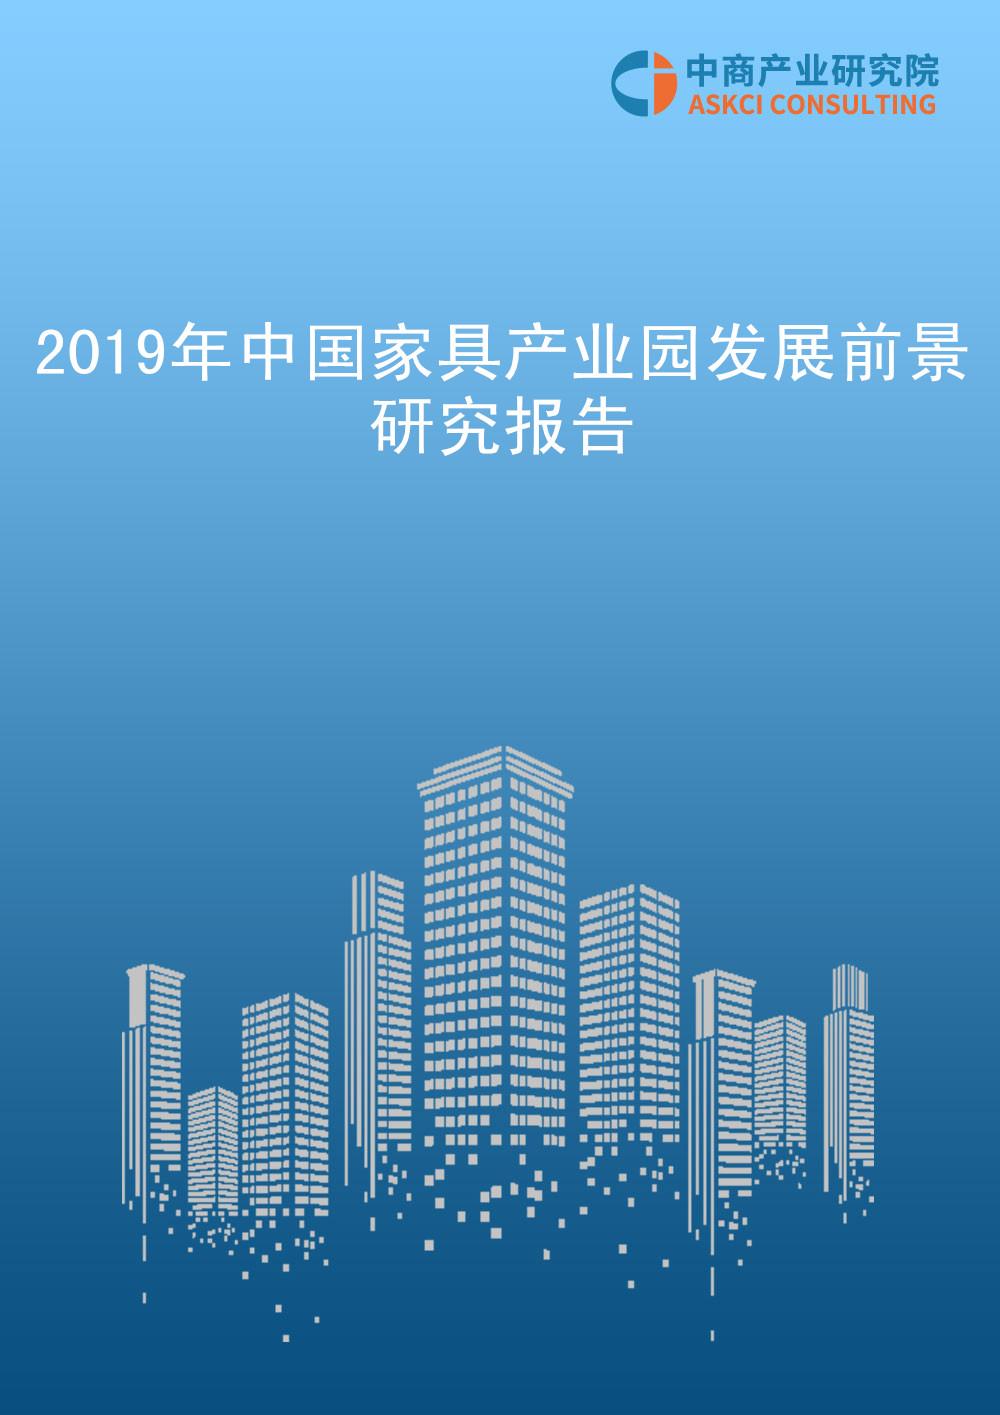 2019年中国家具产业园发展前景研究报告